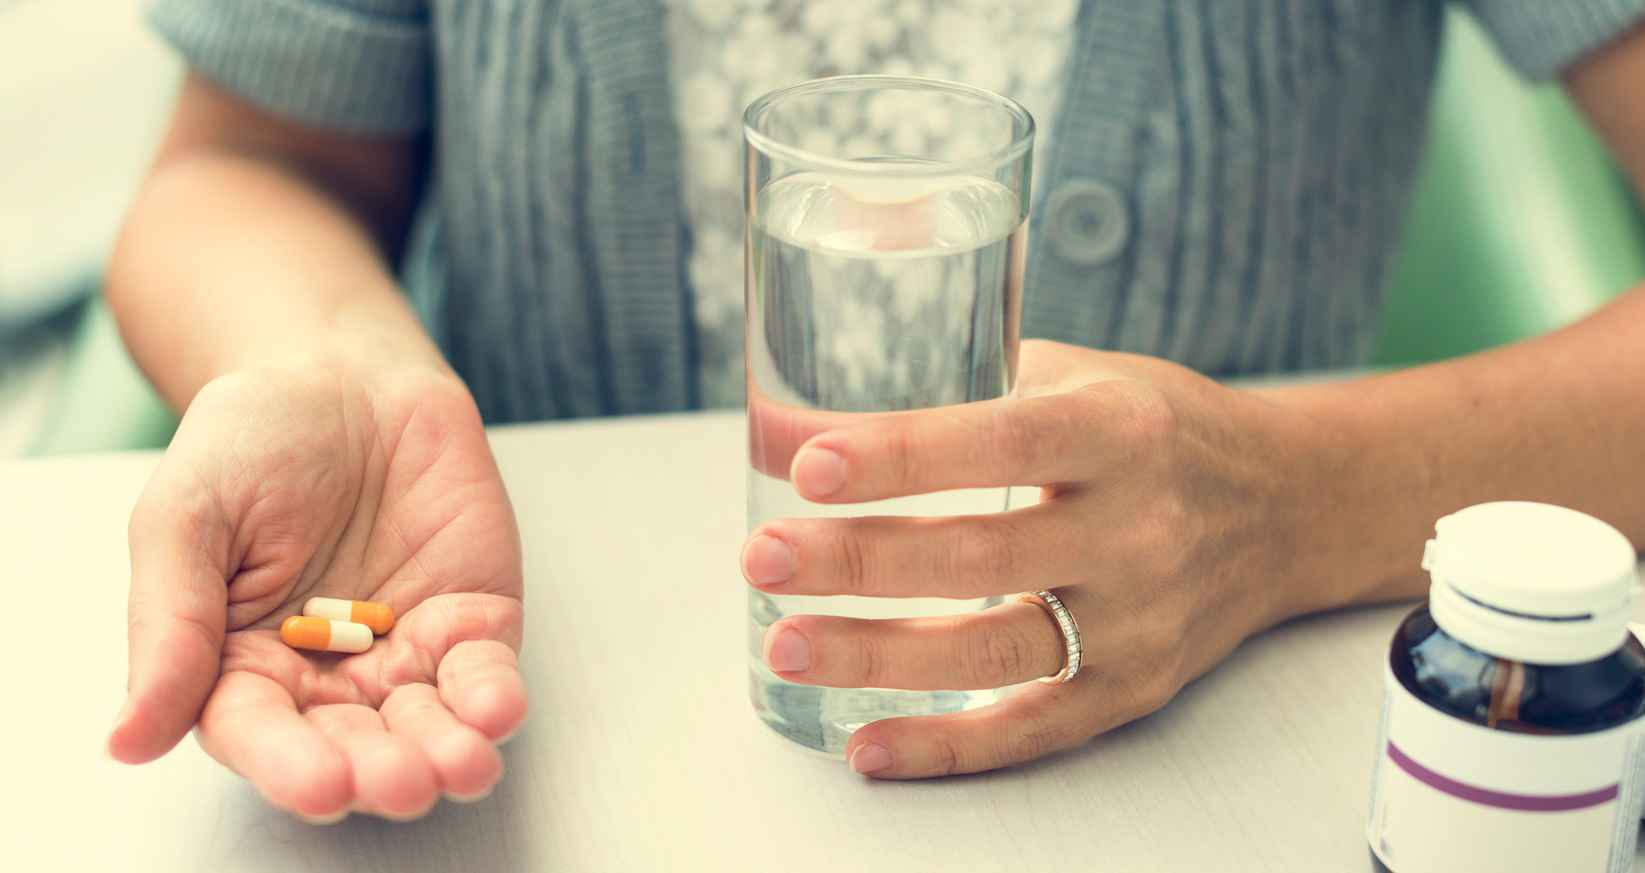 Длительное применение лекарств вызовет привыкание